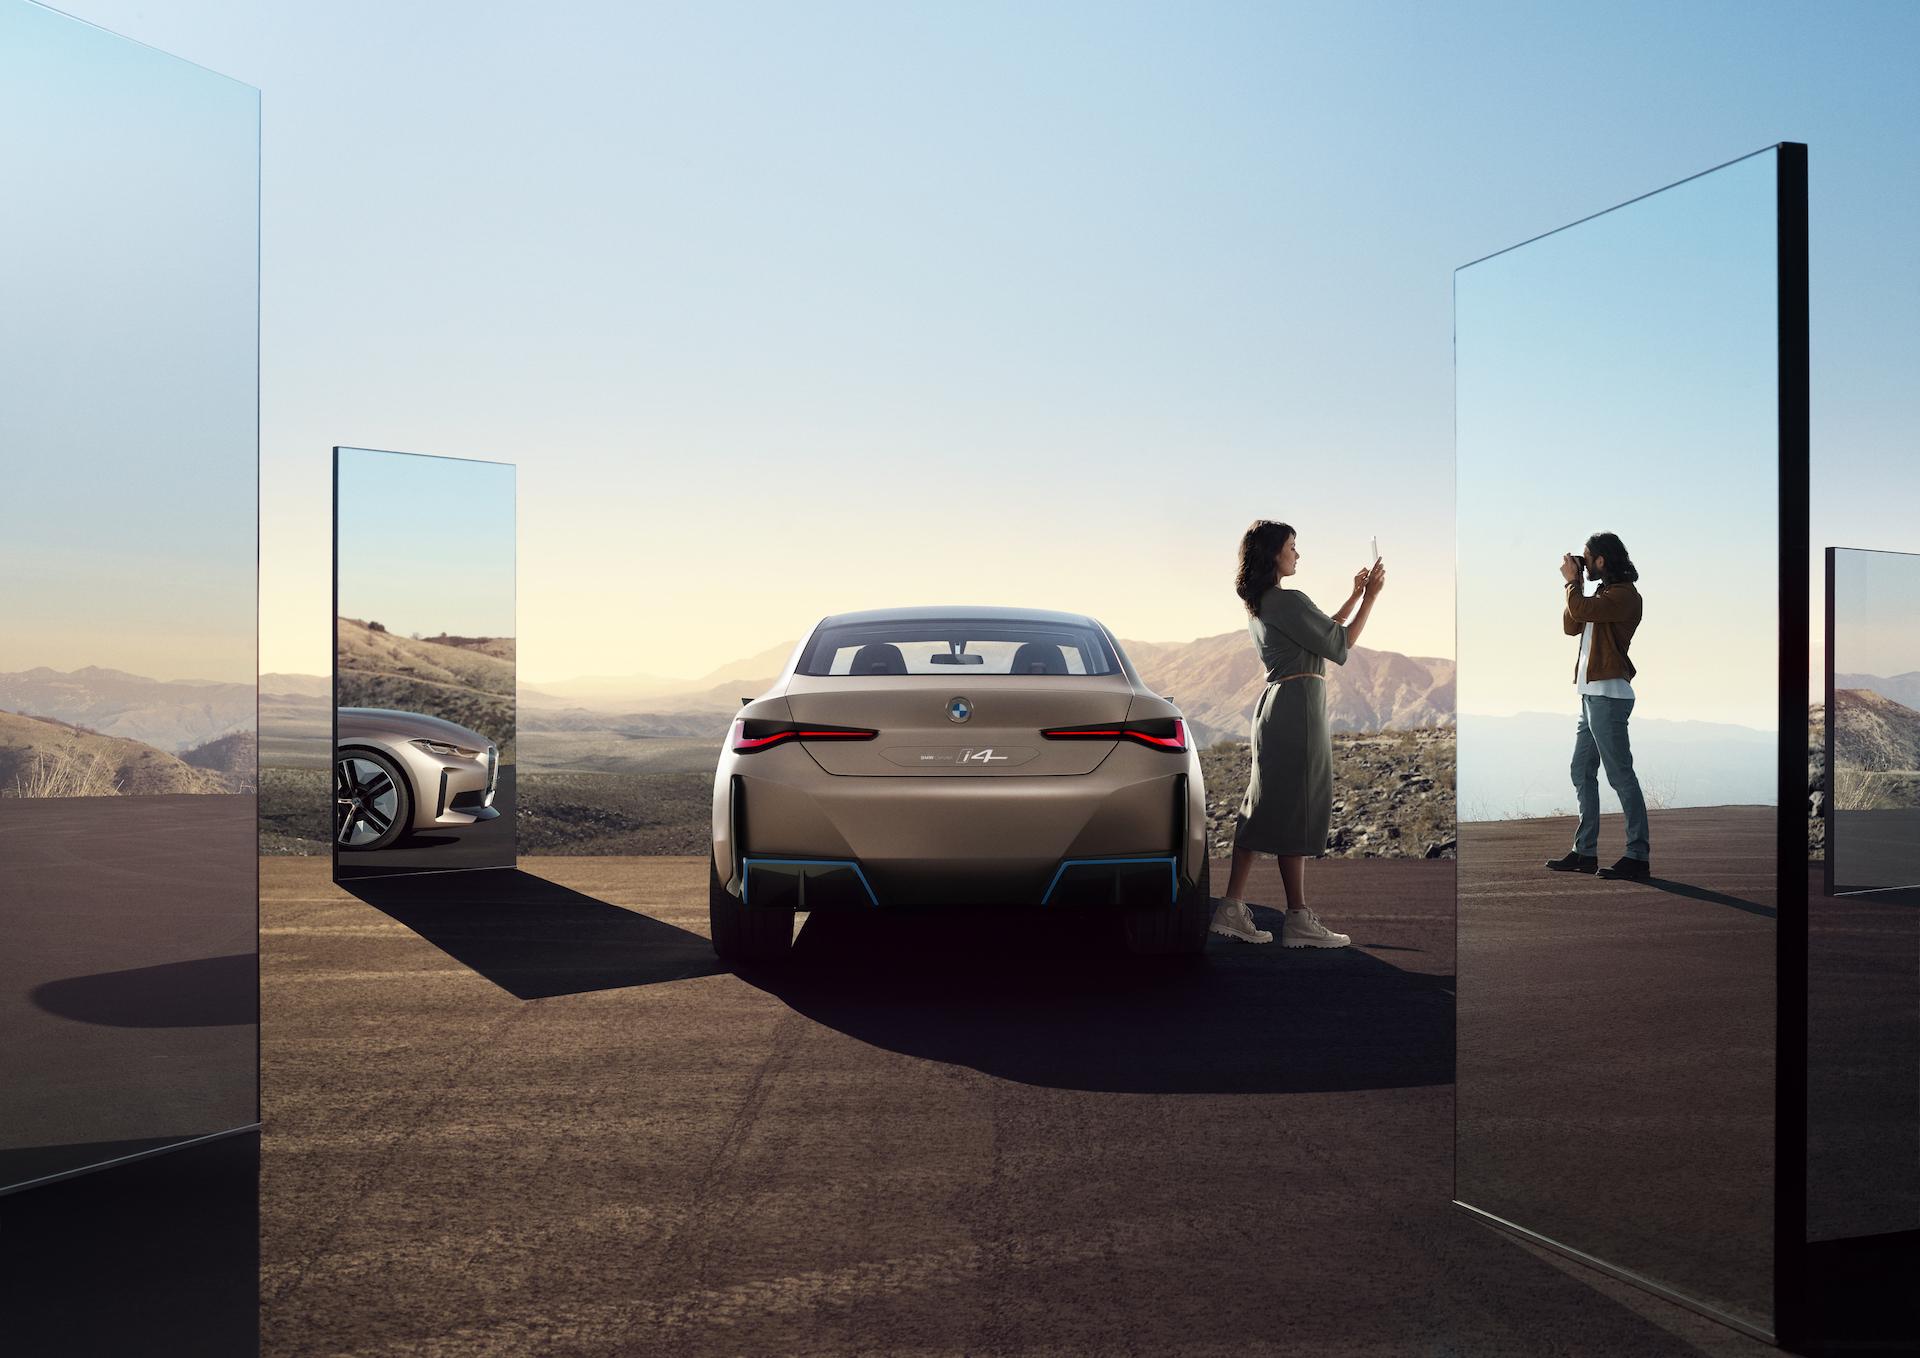 BMW stellt den neuen i4 vor: Ein Gran Coupé mit bis zu 530 PS und 600 km Reichweite 9